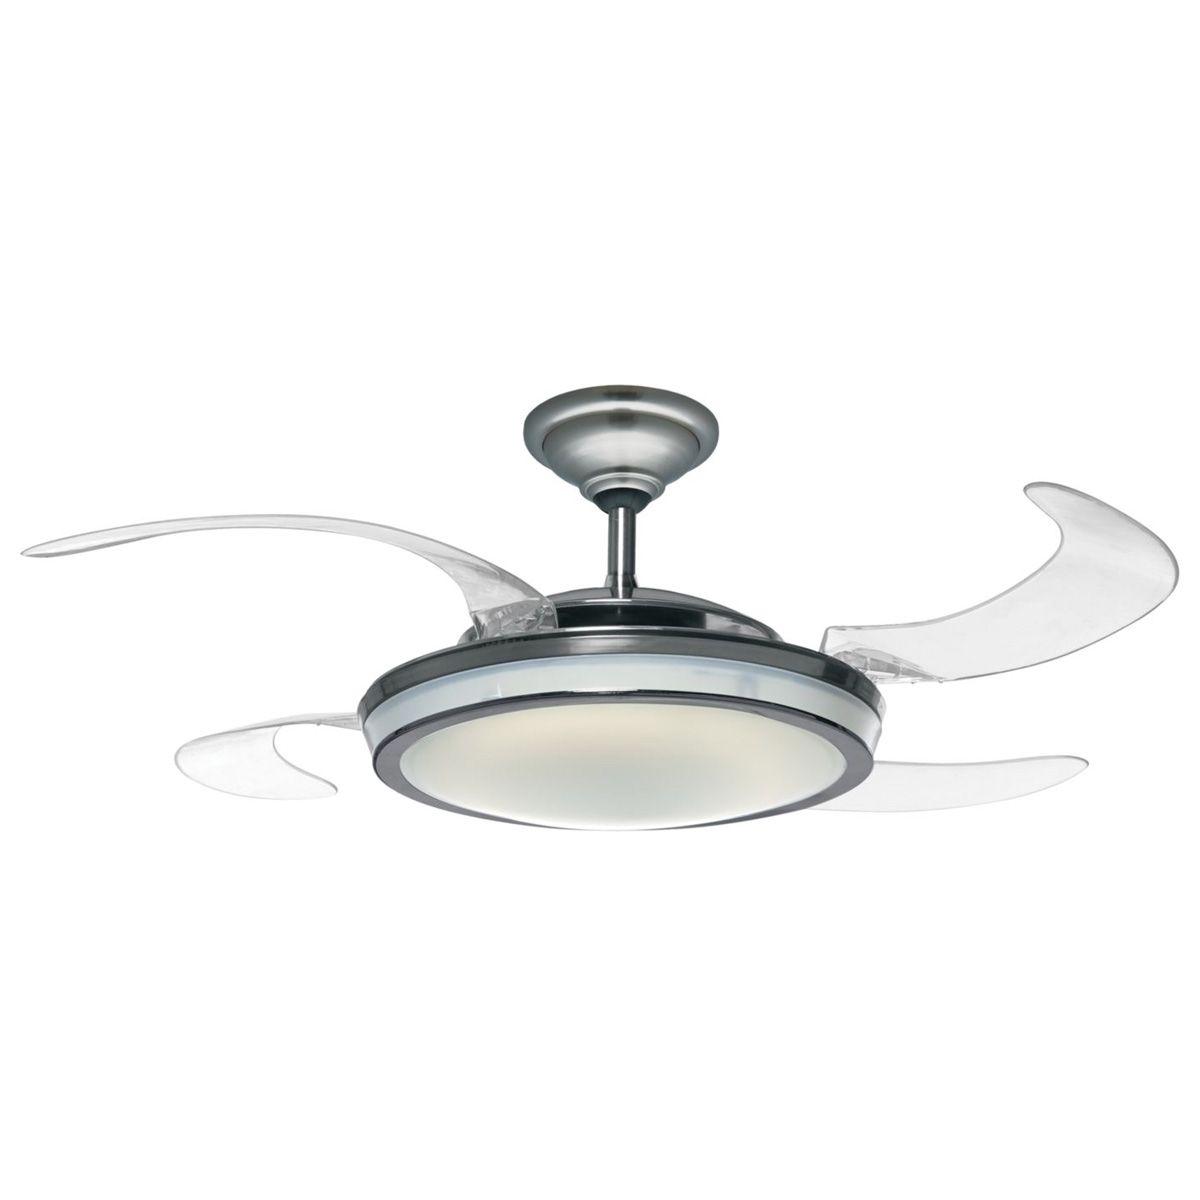 Ceiling Hunter Fanaway Retractable Blade Fan